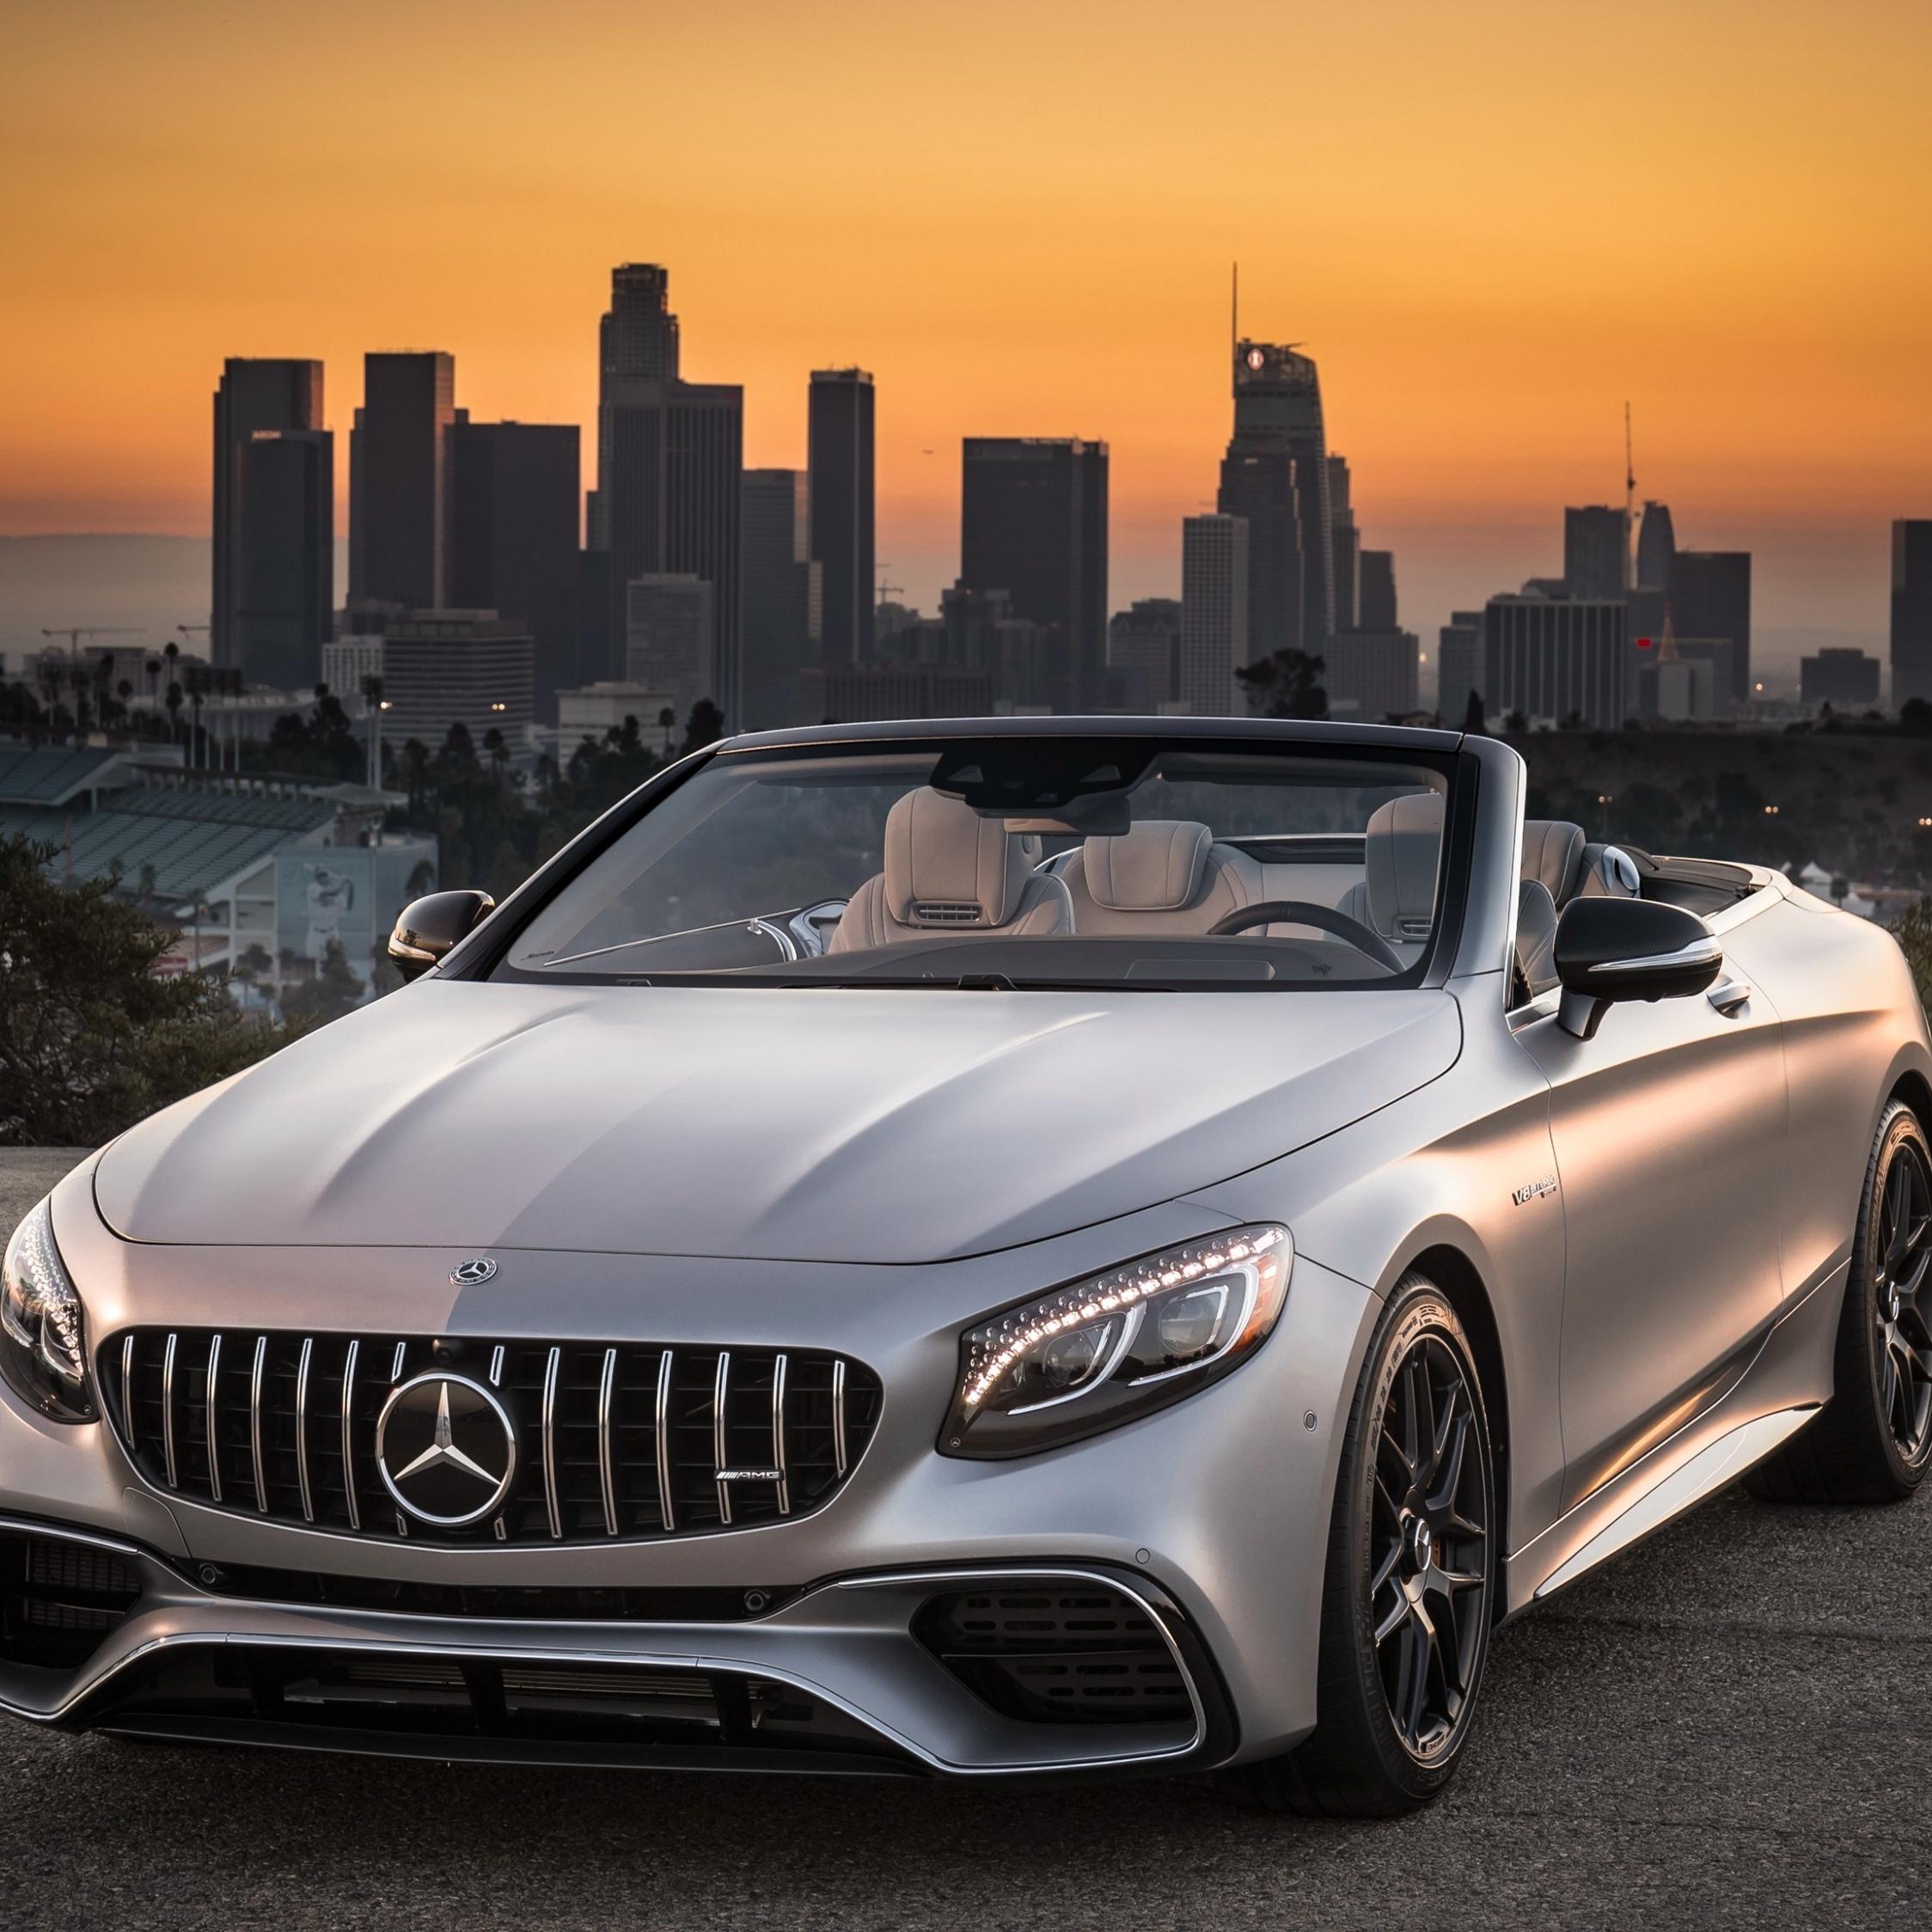 Mercedes-AMG S63 4MATIC Cabriolet, sports car, 2248x2248 wallpaper